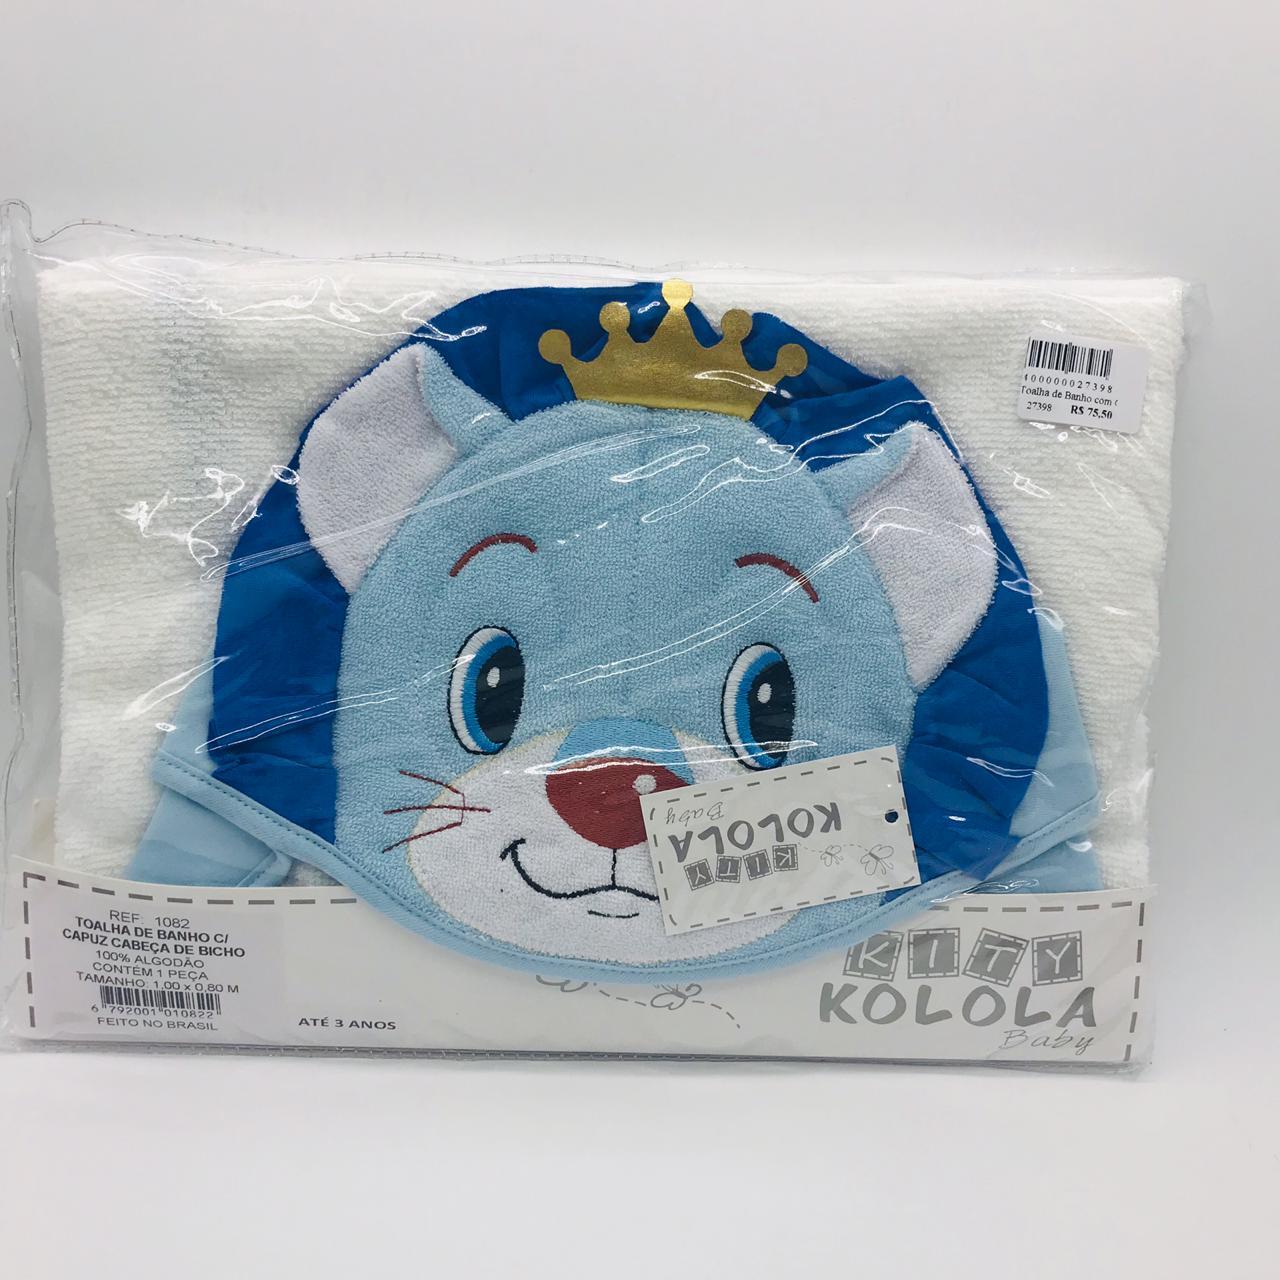 Toalha de Banho Capuz Leão Azul Com Coroa - Kity Kolola Ref 1082